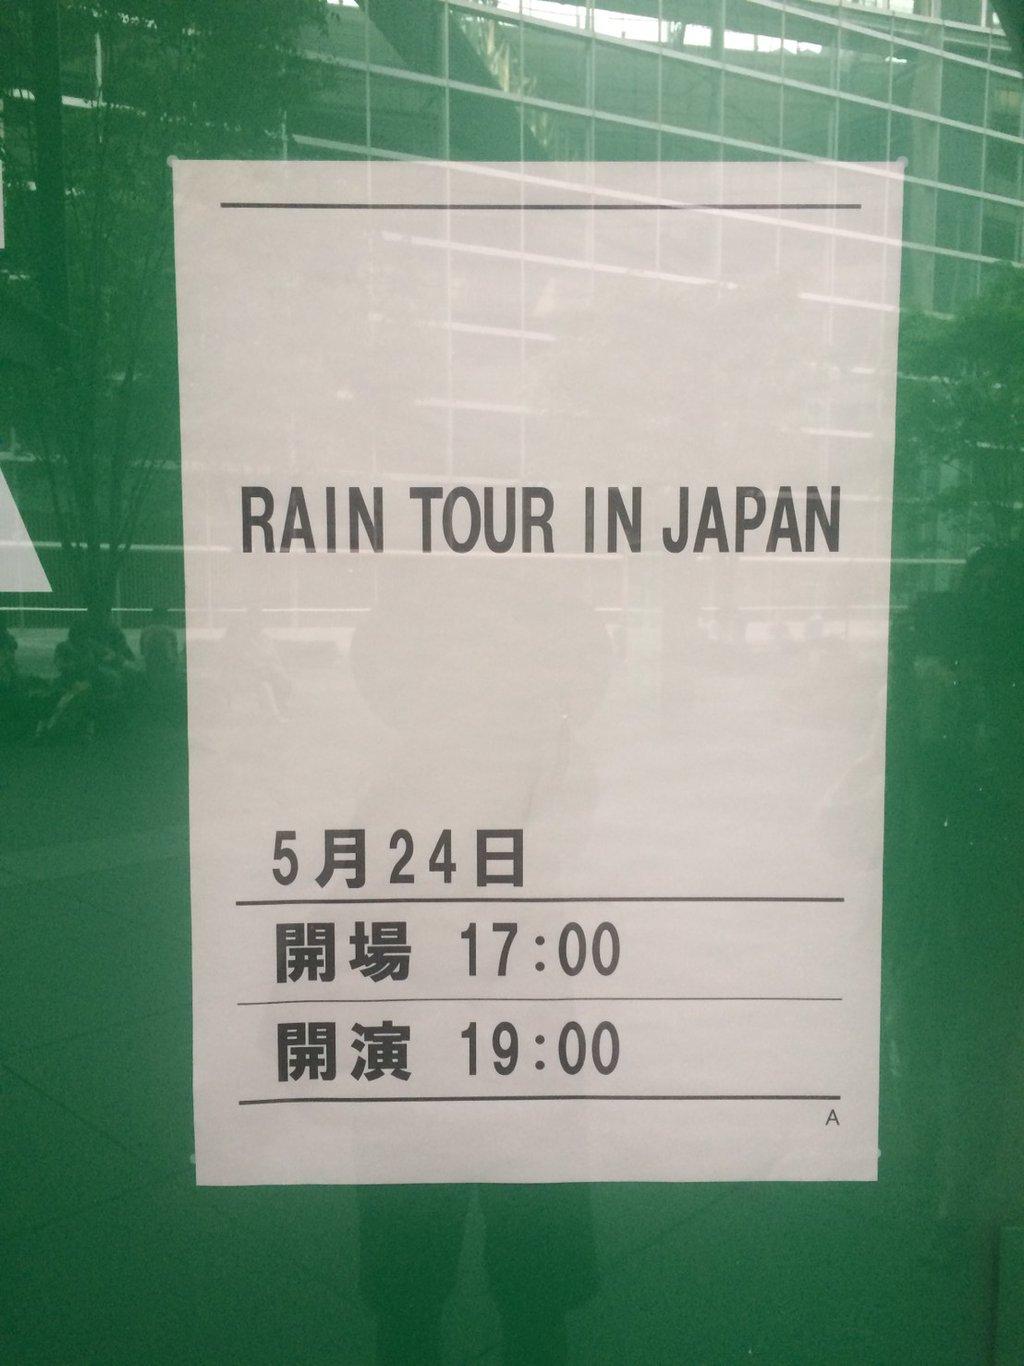 本日Rain THE SQUALL in JAPAN いよいよ♪_c0047605_18431766.jpg